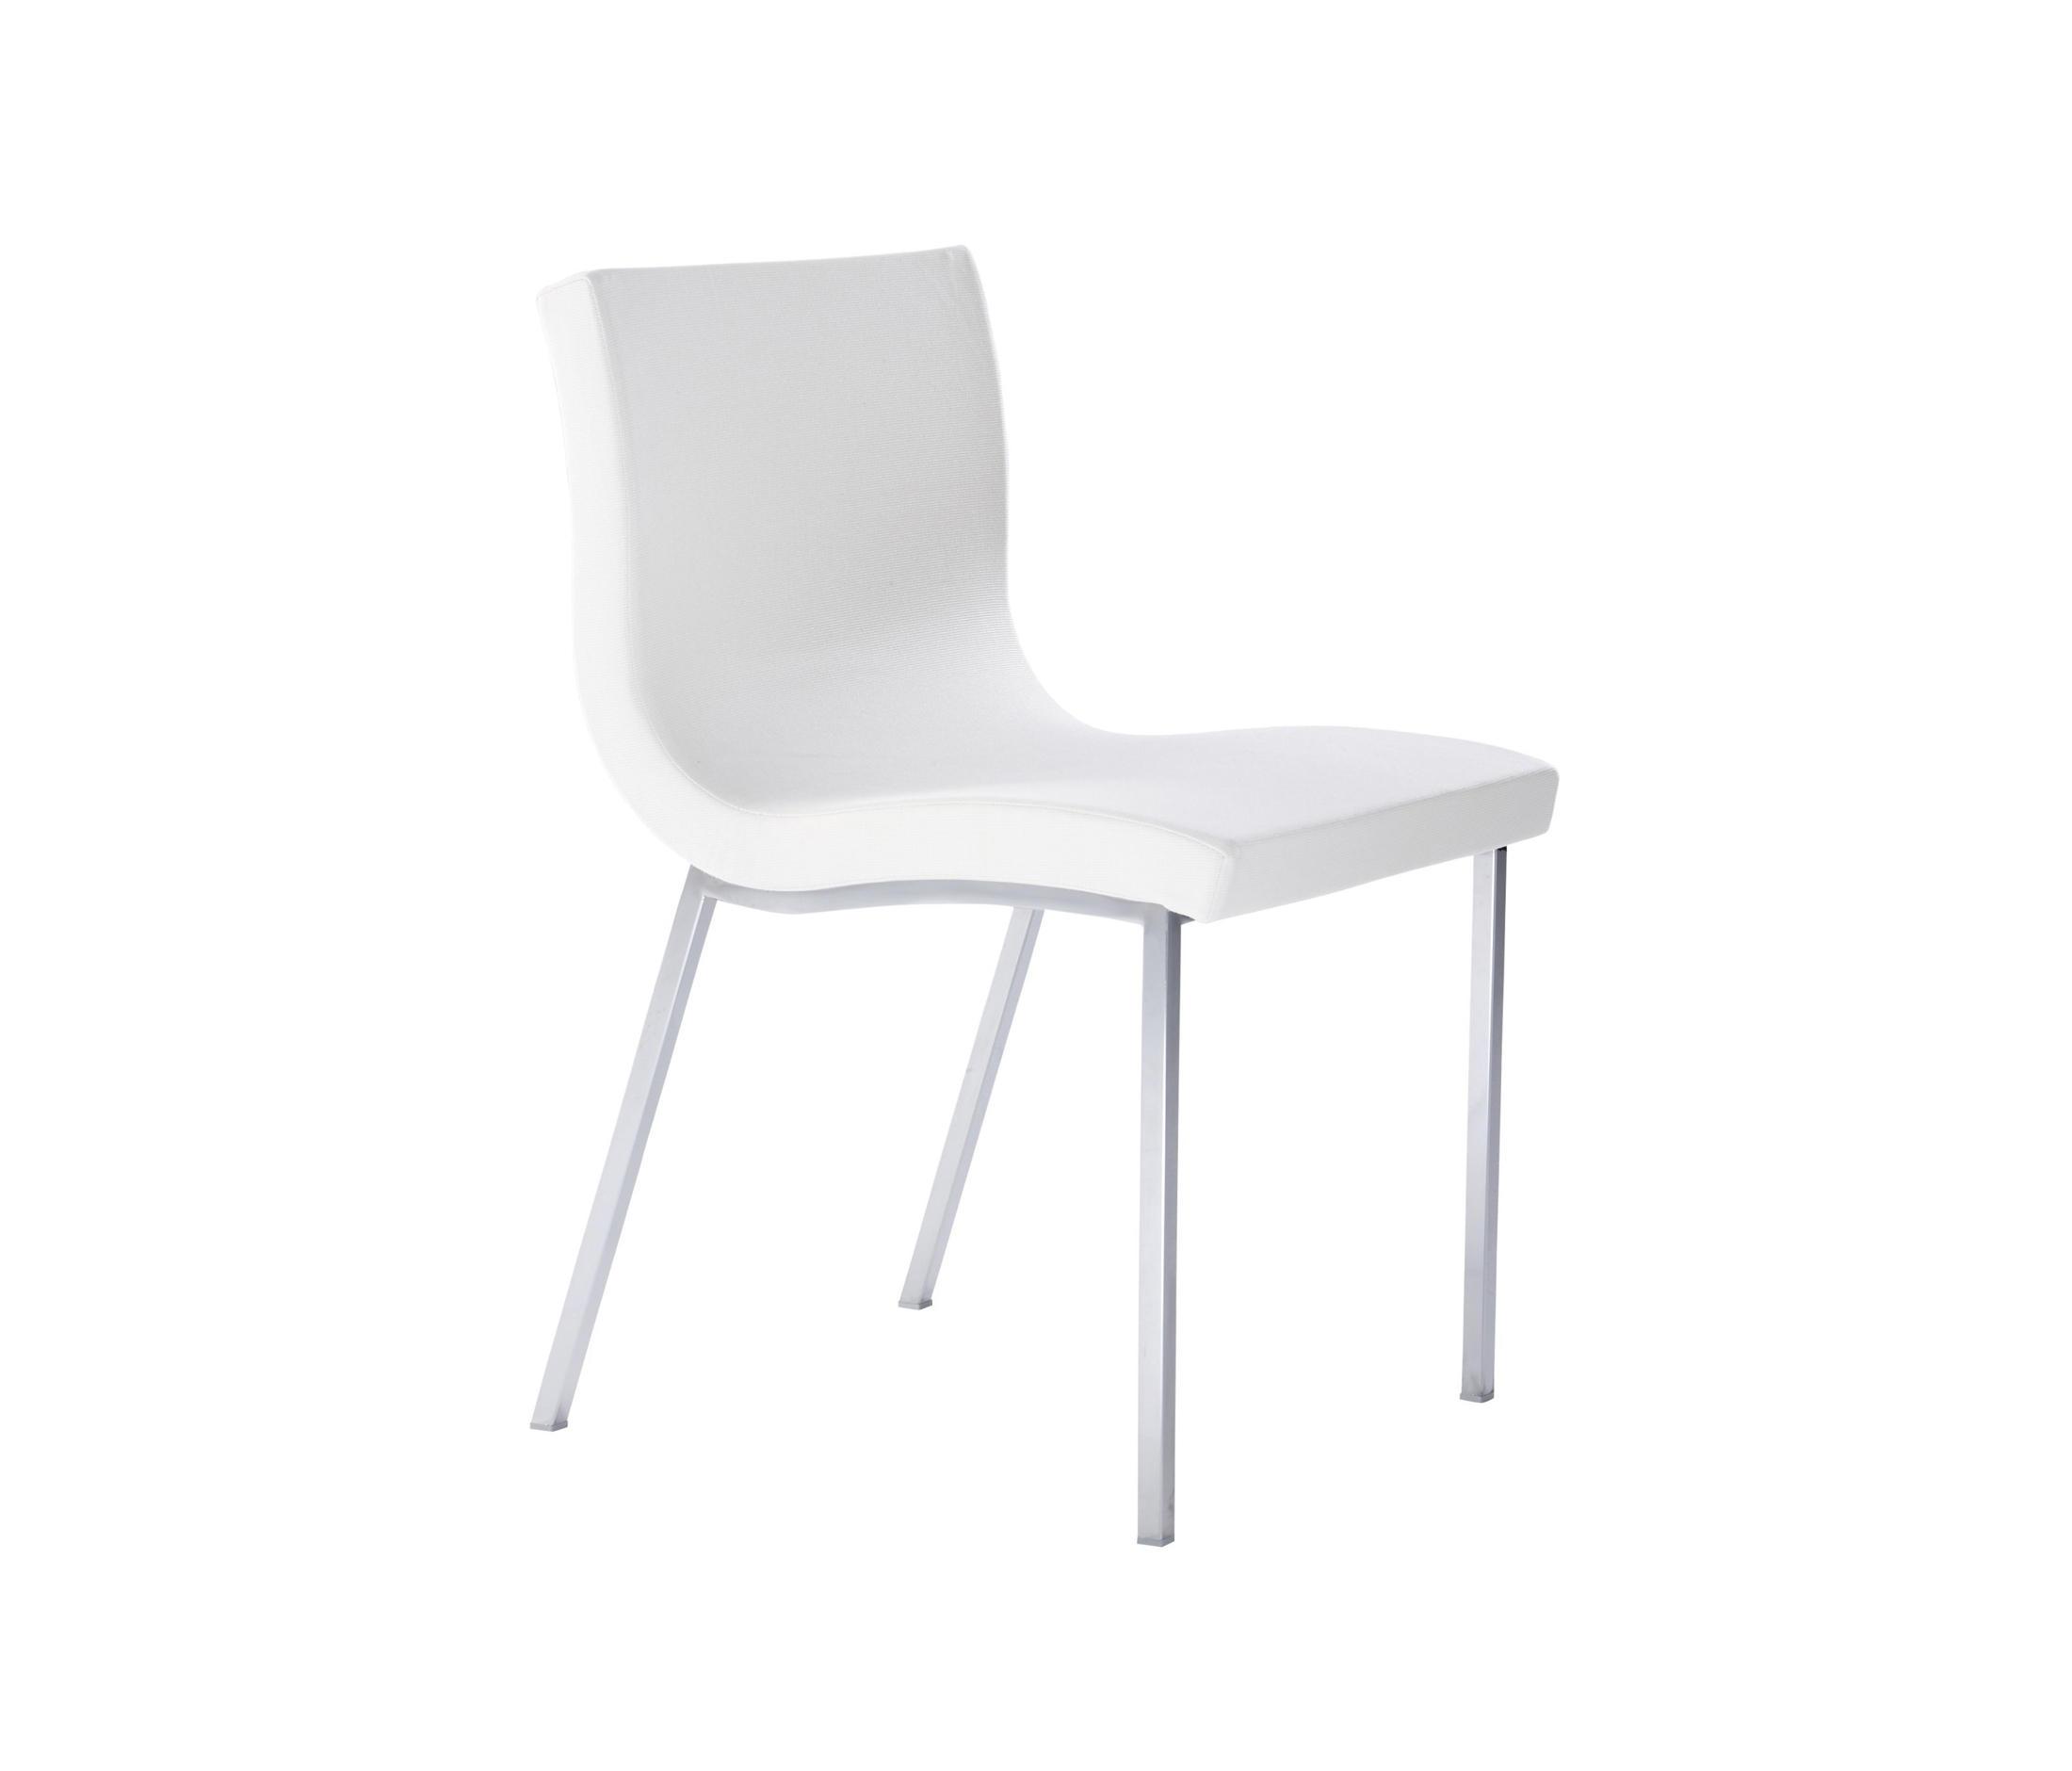 sala stuhl st hle von ligne roset architonic. Black Bedroom Furniture Sets. Home Design Ideas